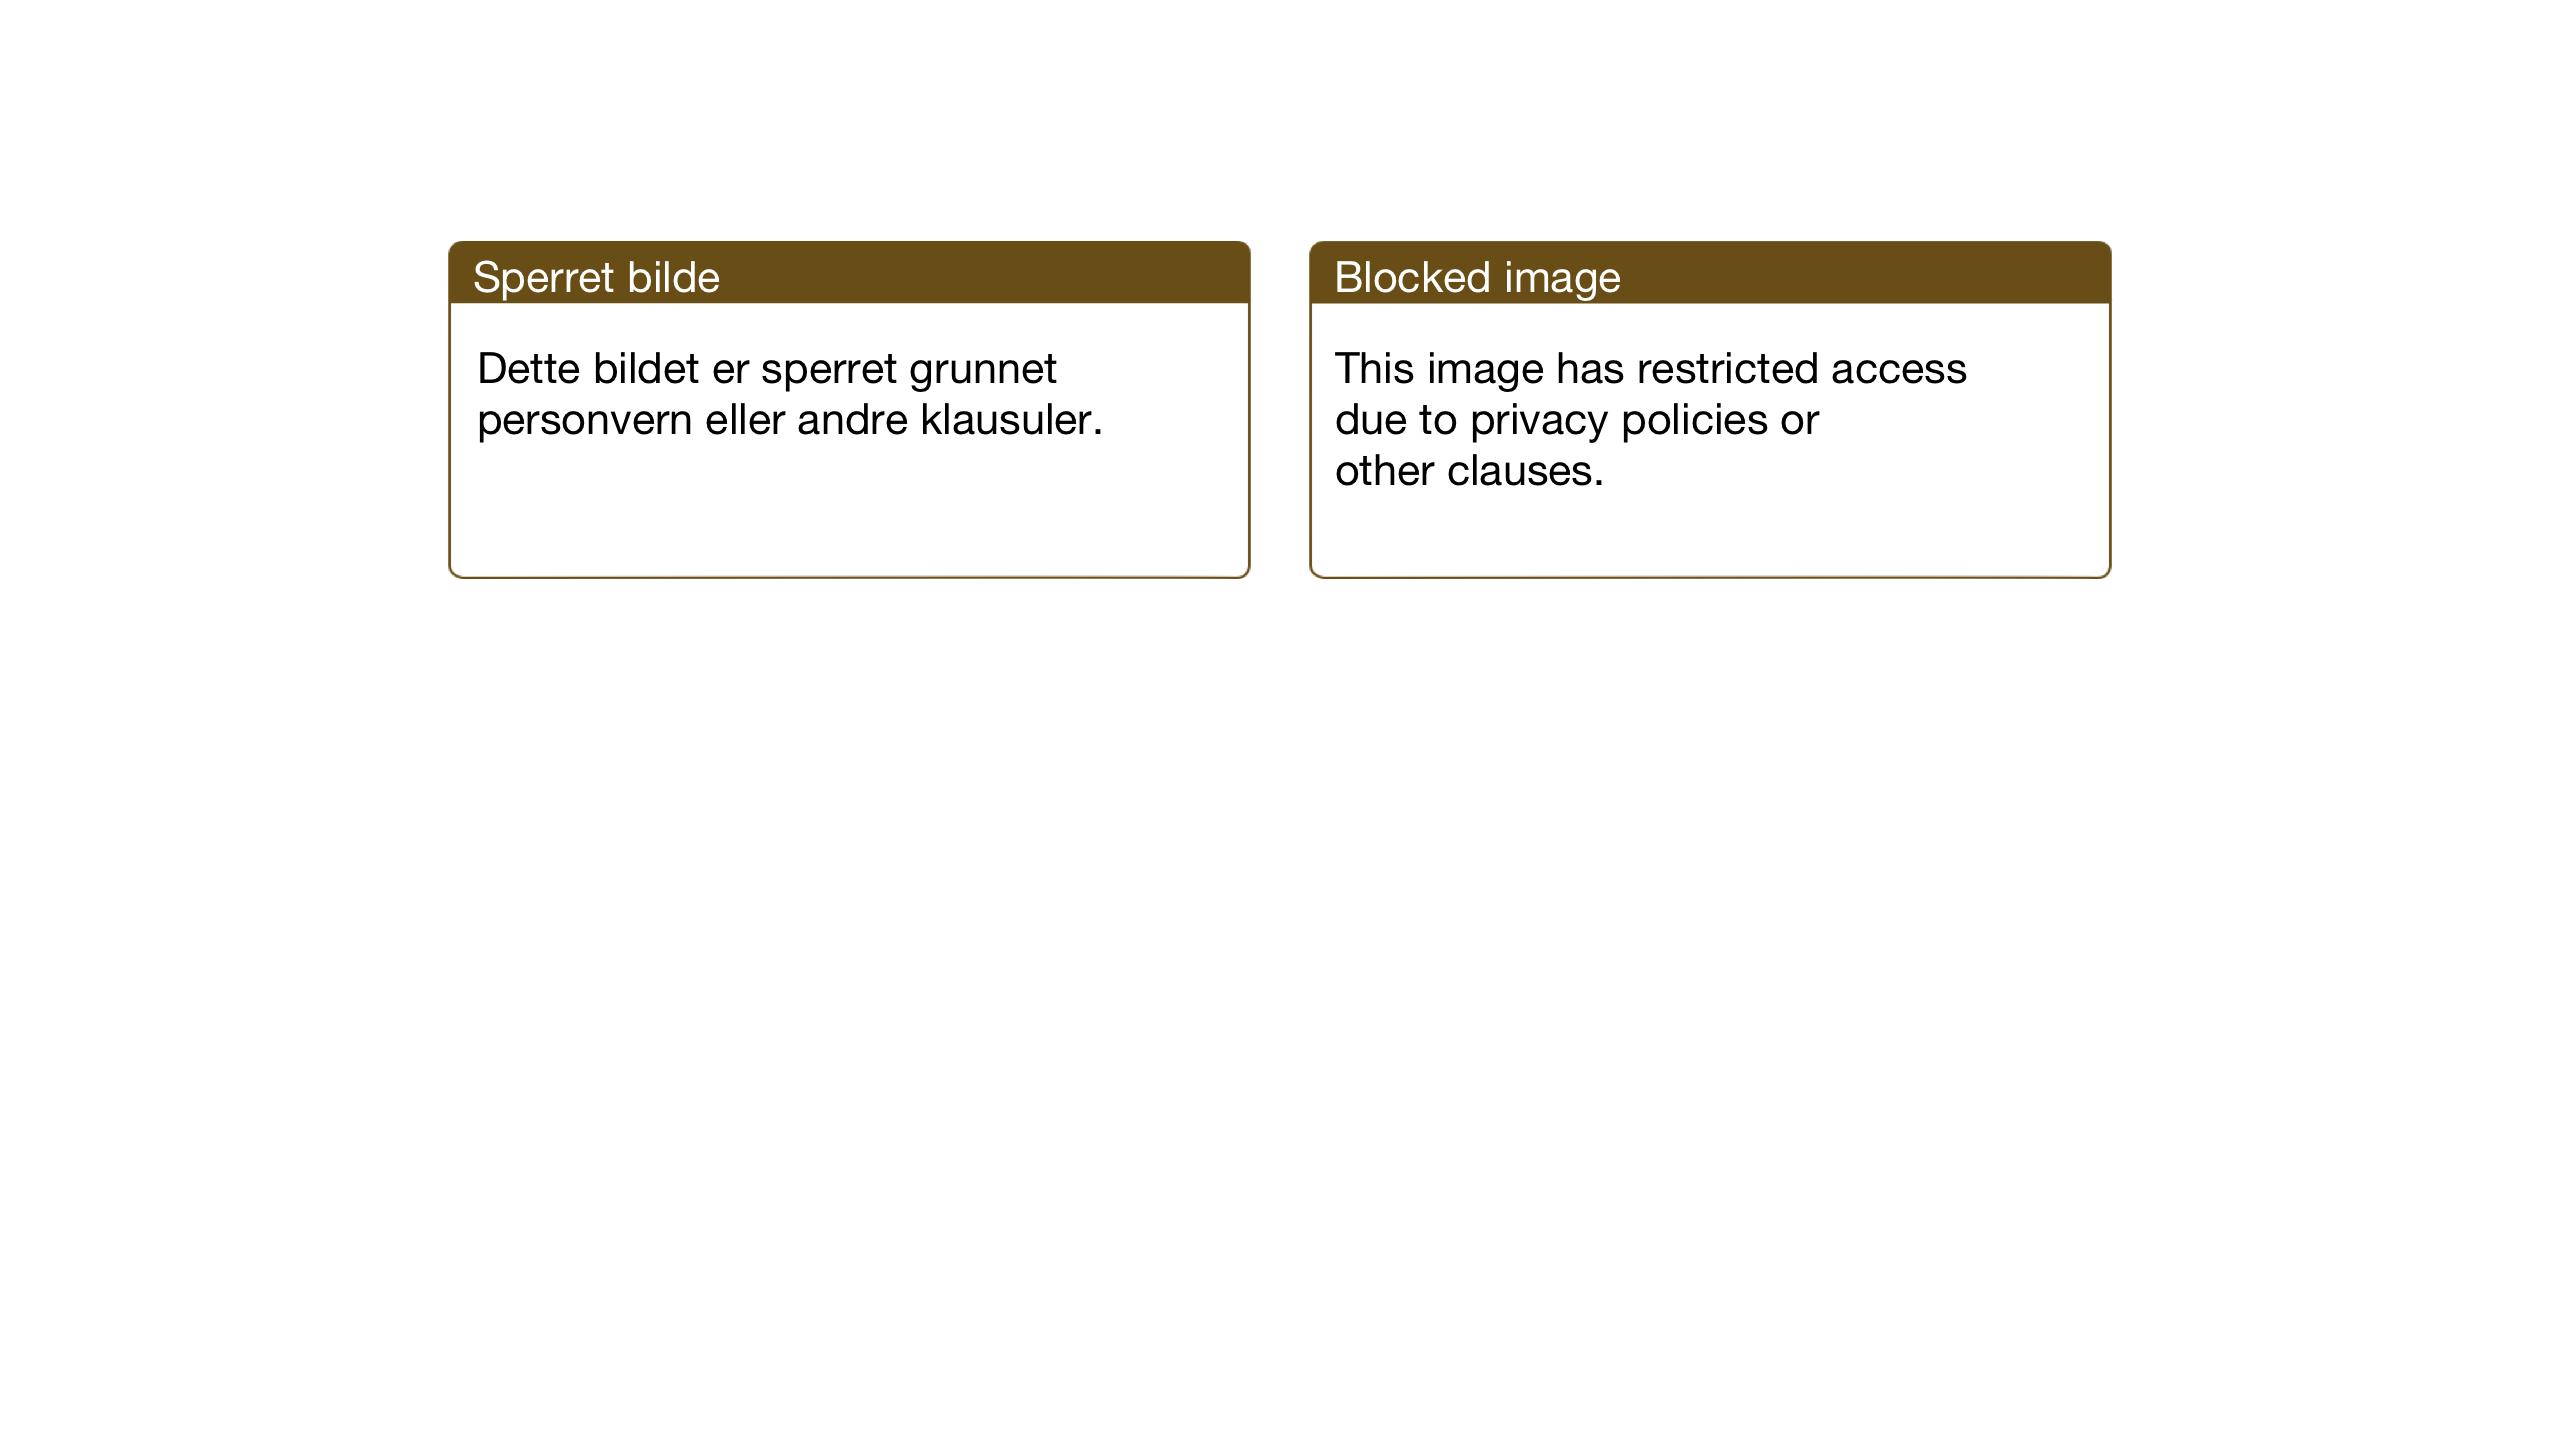 SAT, Ministerialprotokoller, klokkerbøker og fødselsregistre - Nord-Trøndelag, 755/L0500: Klokkerbok nr. 755C01, 1920-1962, s. 118